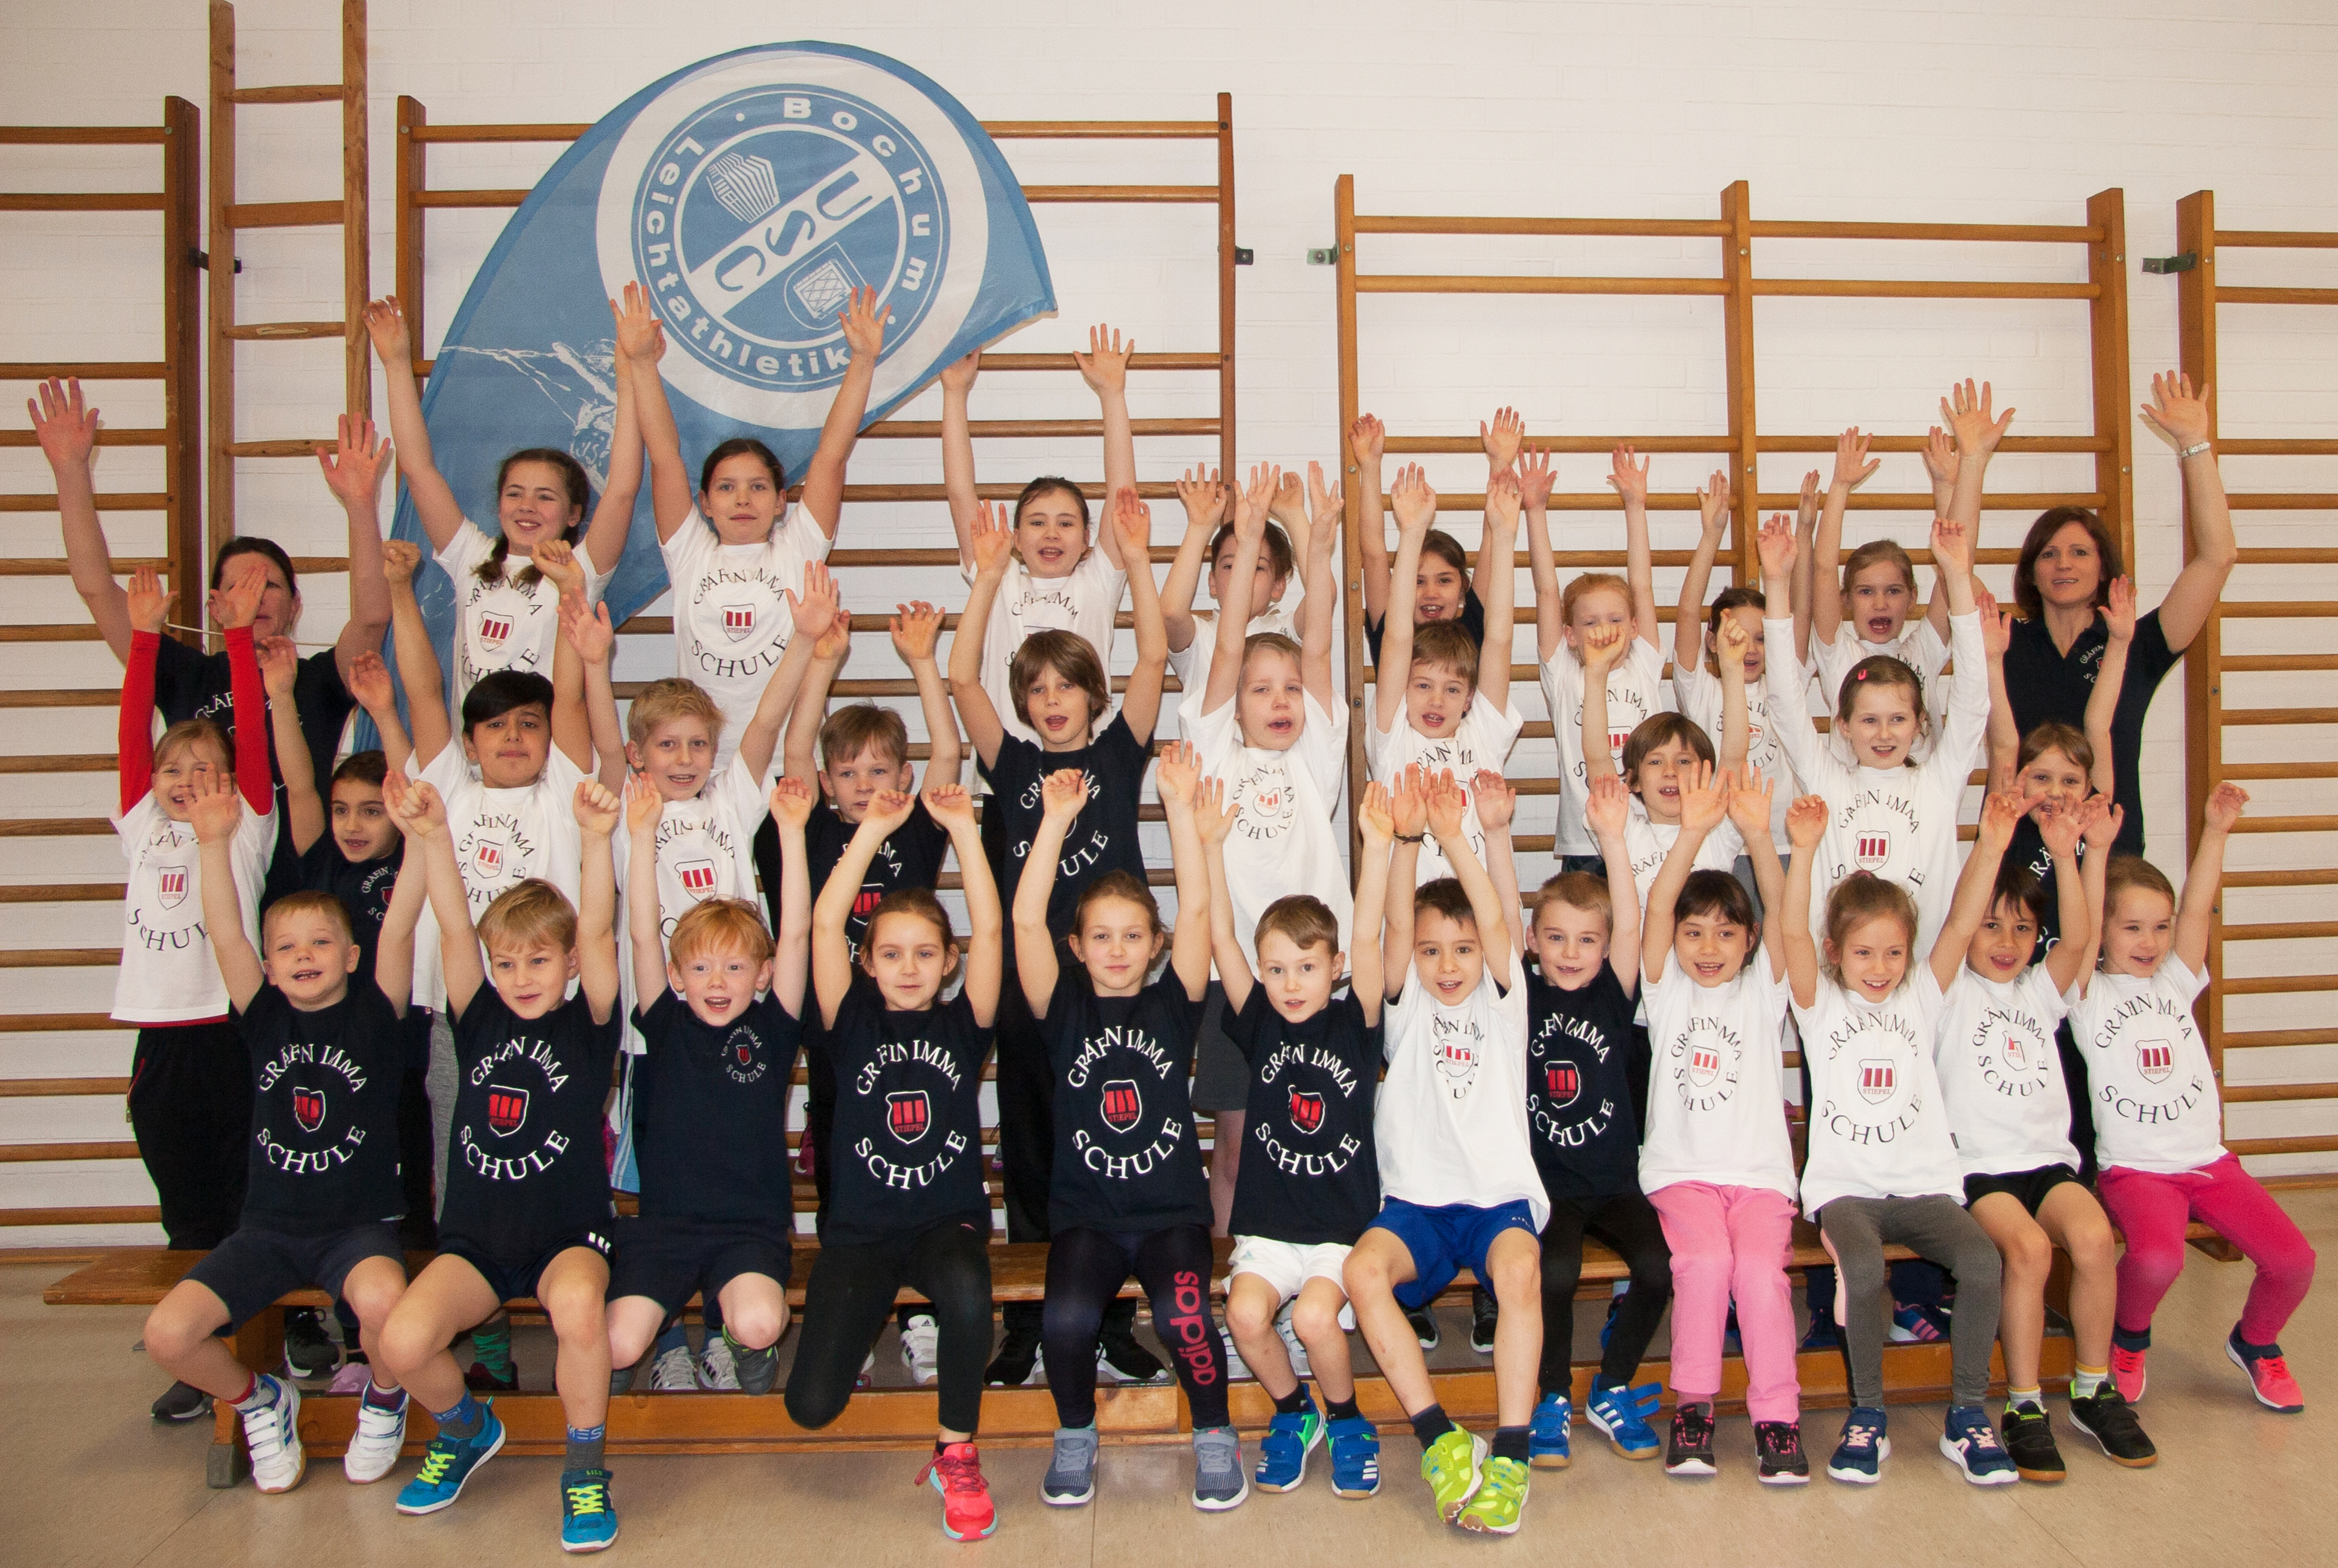 Gräfin-Imma-Schule- M - Ju- f-2019-03-16--7640